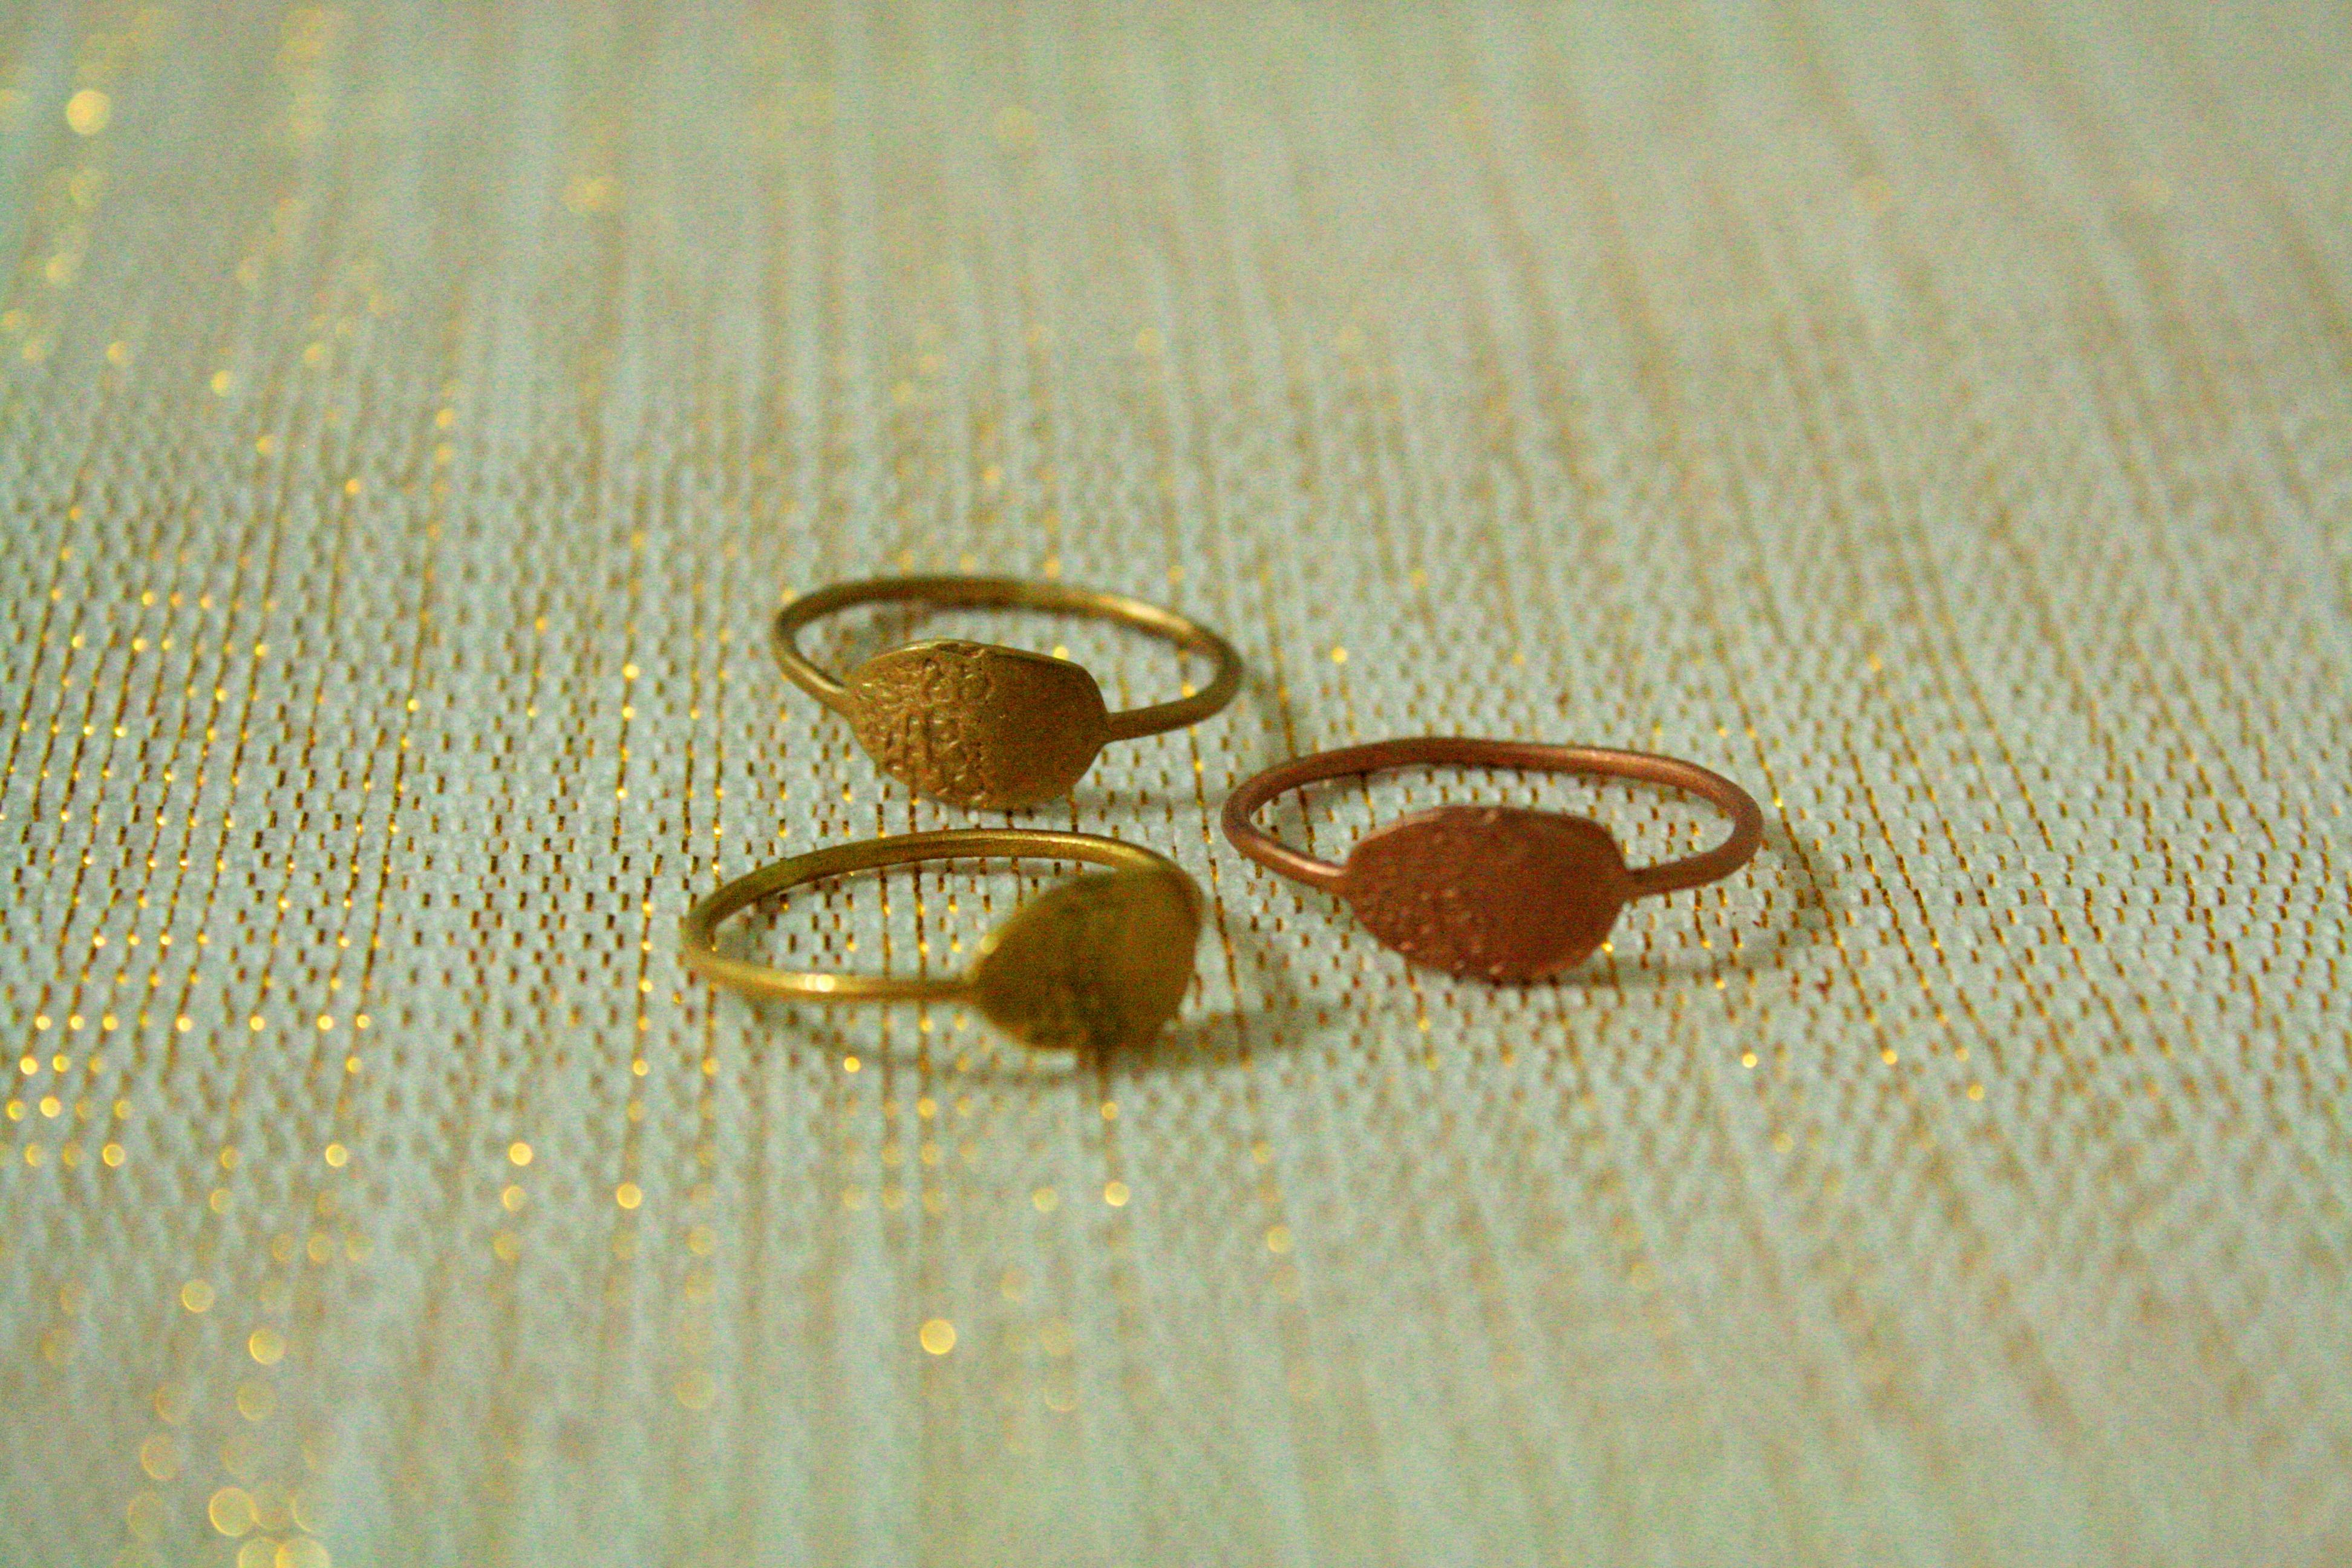 טבעות מדגם העדינות ביותר, זהב